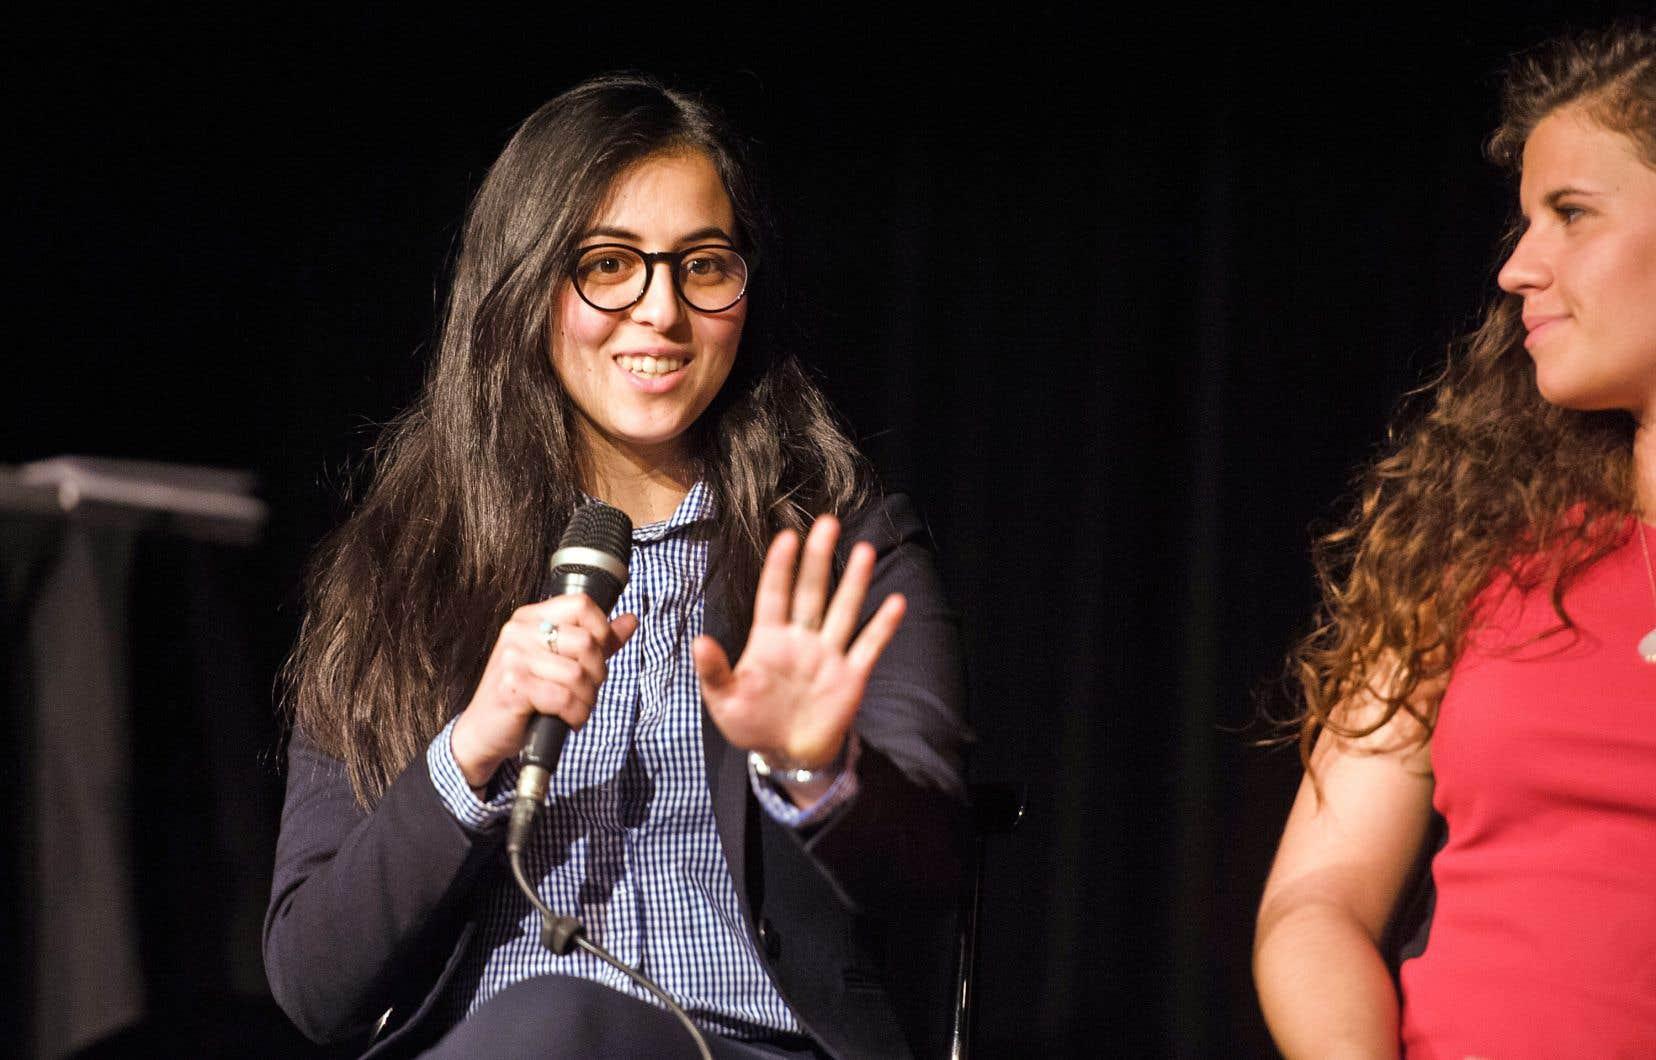 «Le discours politique n'est pas adapté aux réseaux sociaux», selon Ikram Mecheri (à gauche), cofondatrice de la jeune chambre de commerce algérienne du Canada.